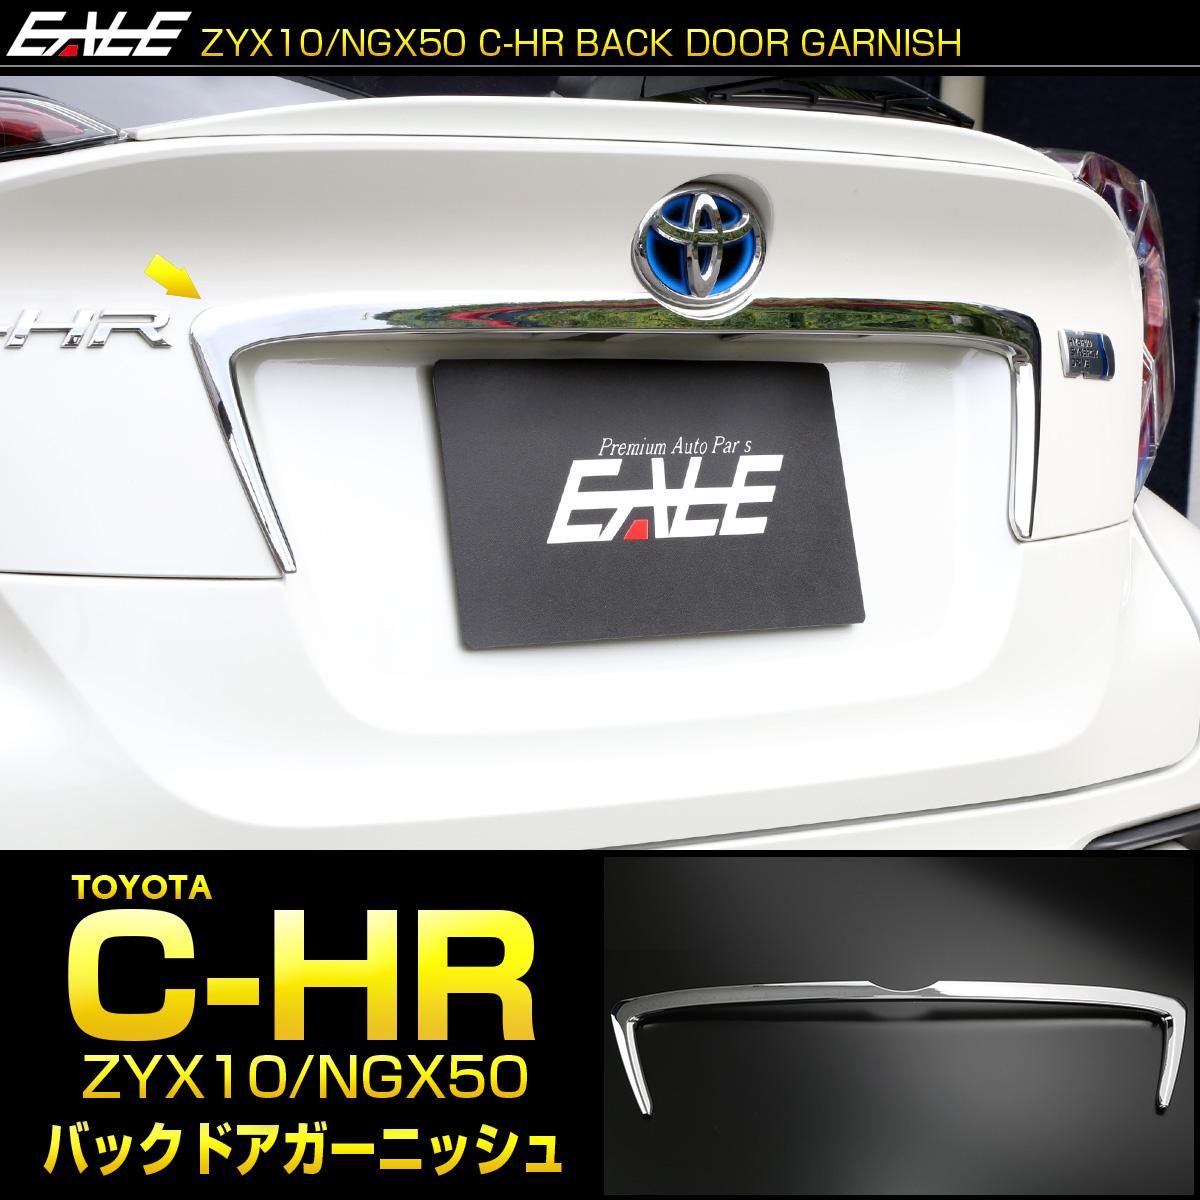 C-HR メッキ バックドア ガーニッシュ ABS樹脂製 メッキパーツ ナンバープレート トリム LB0020